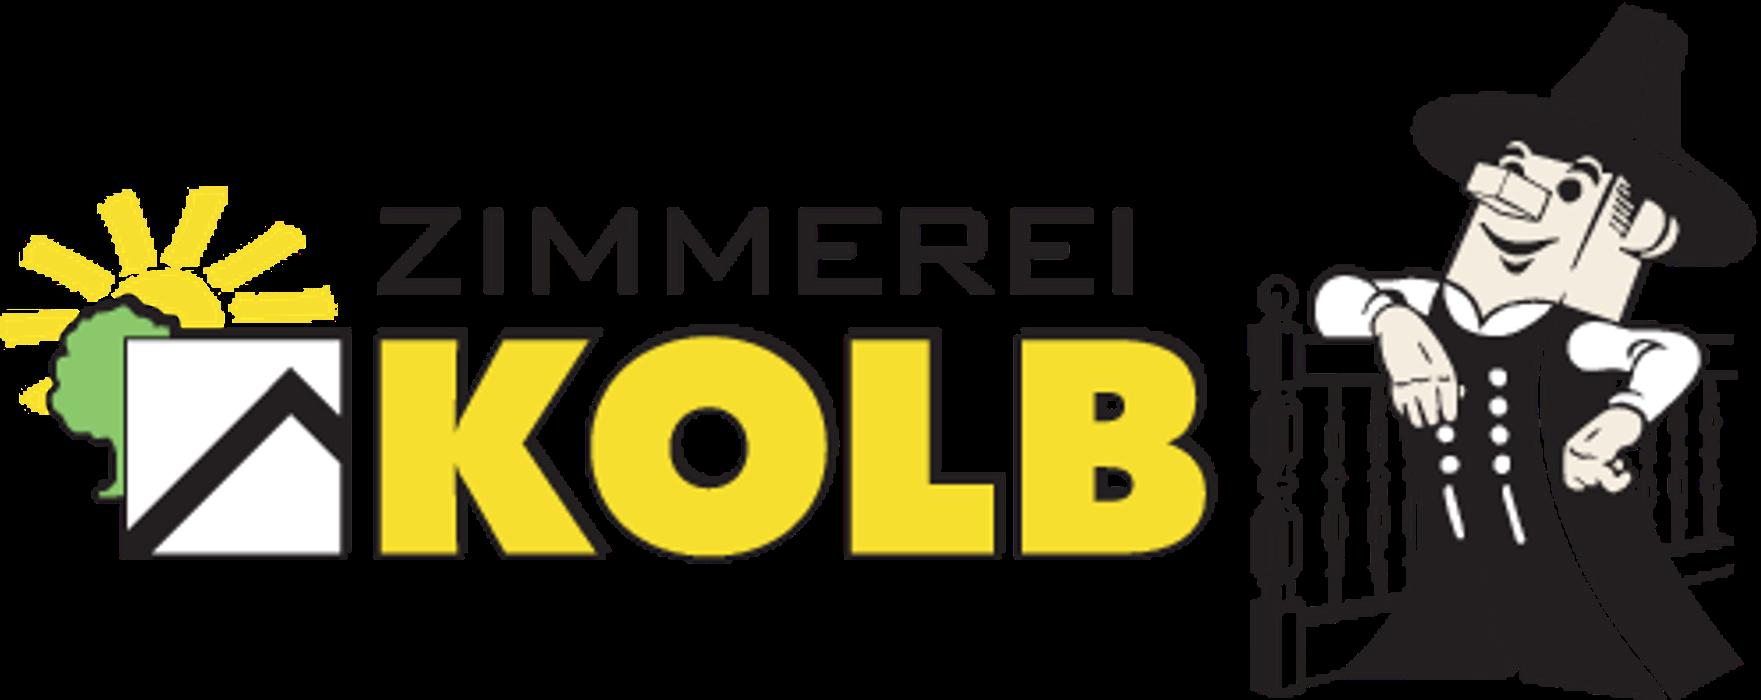 Bild zu Zimmerei Kolb GmbH in Pforzen